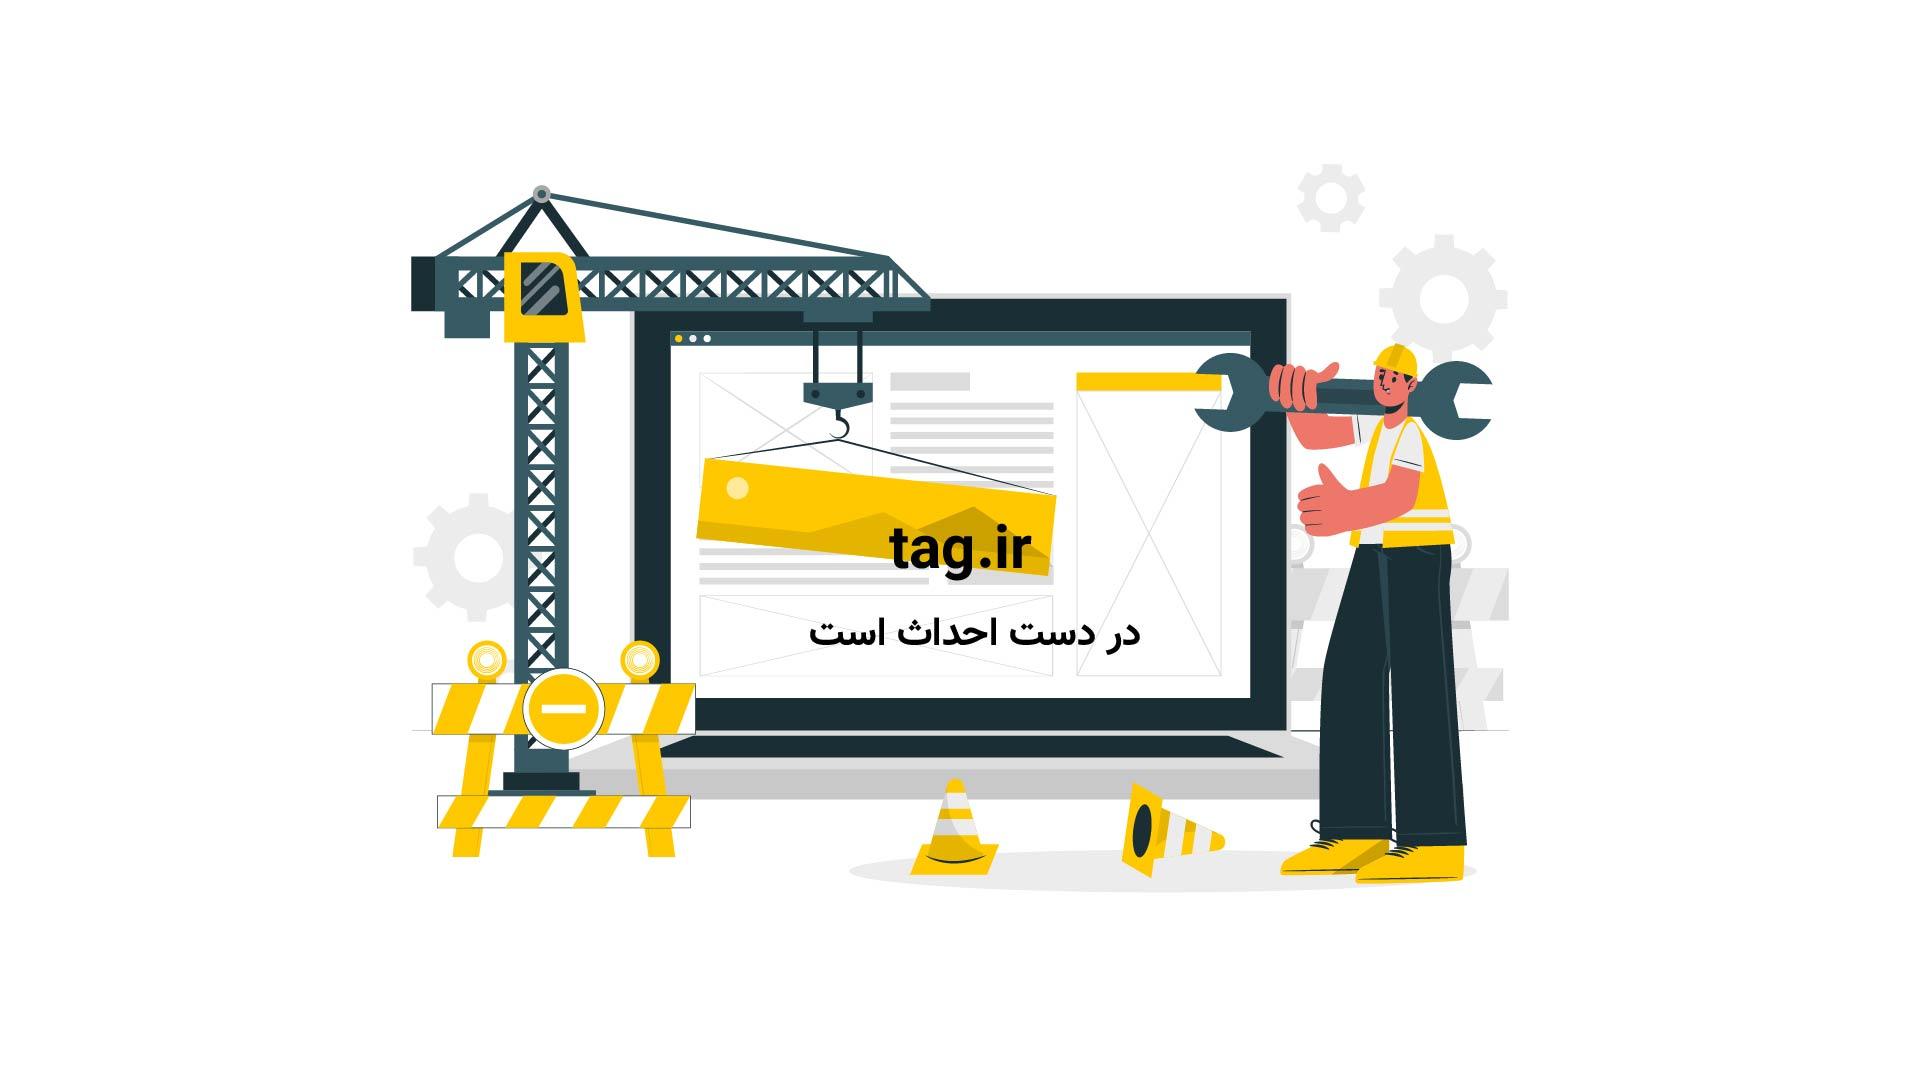 عناوین روزنامههای ورزشی شنبه 14 مرداد | فیلم